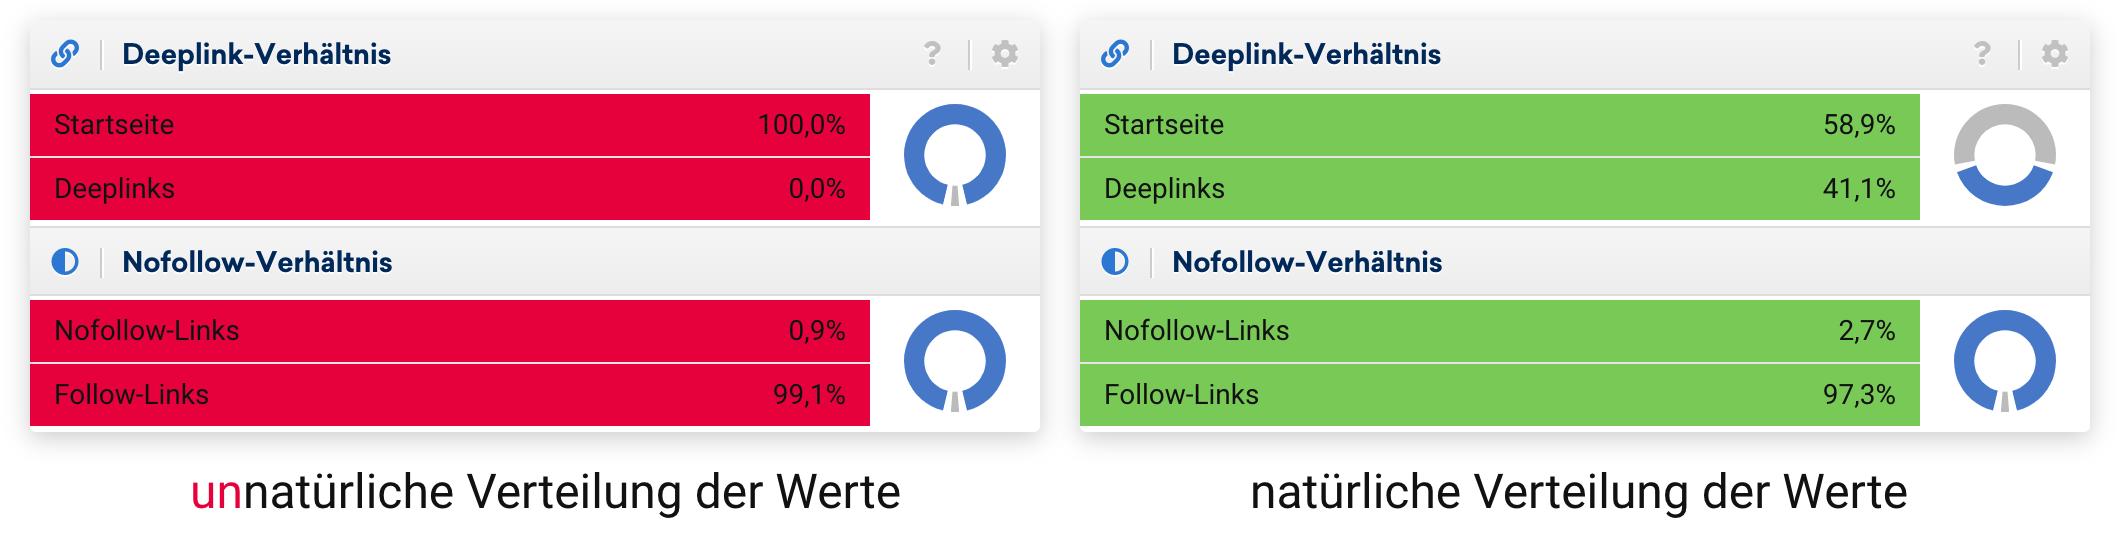 Schaubild zwischen einer unnatürlichen und einer natürlichen Verteilung der Werte zum Deeplink- und Nofollow-Verhältnis. 0% Deeplinks oder 99% Follow-Links weisen auf eine unnatürliche Verteilung hin.